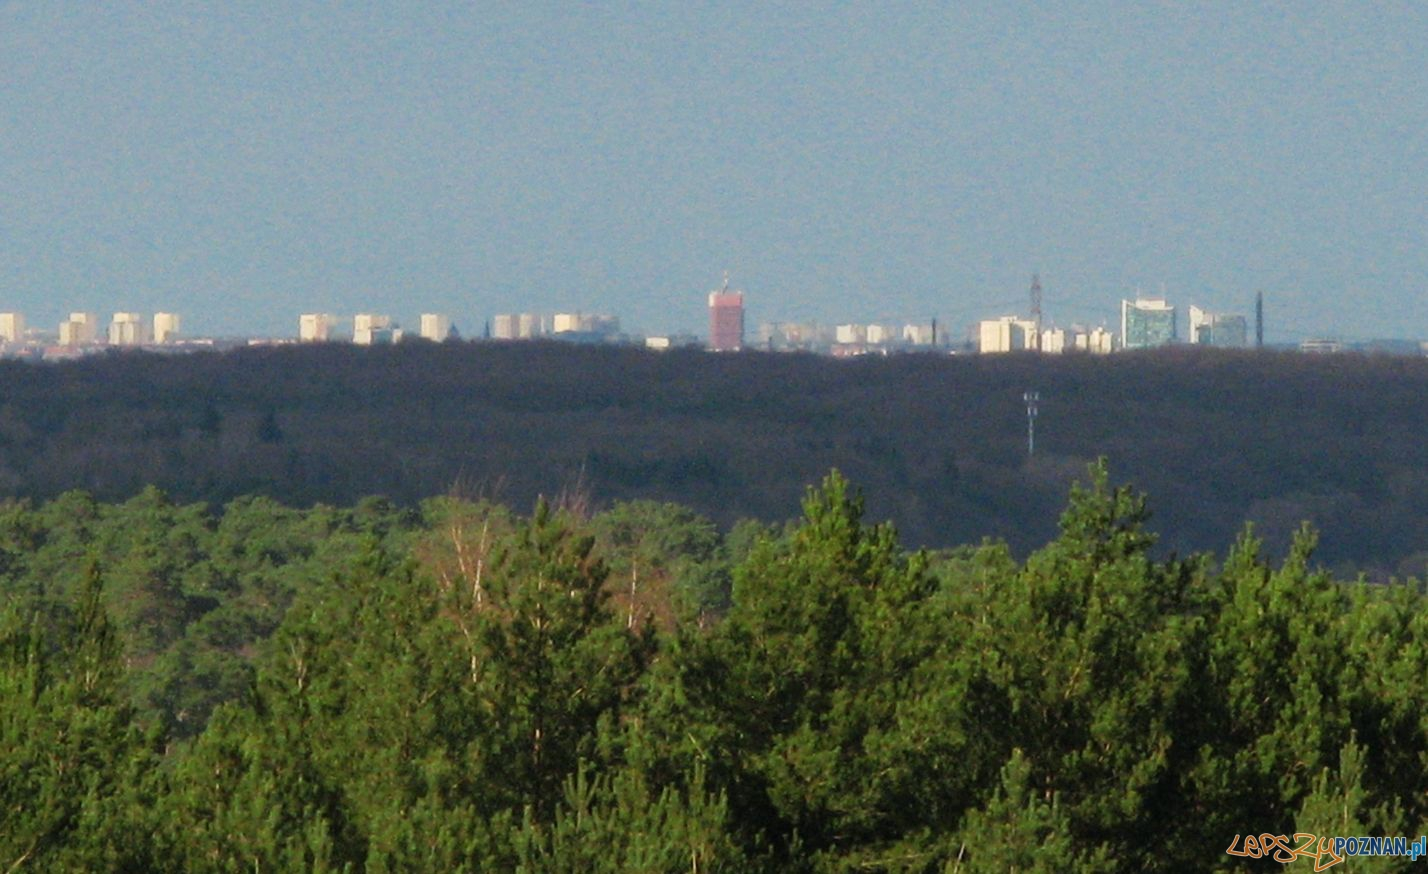 Widok z wieży w Mosinie na Poznań  Foto: swierczewo.poznan.pl